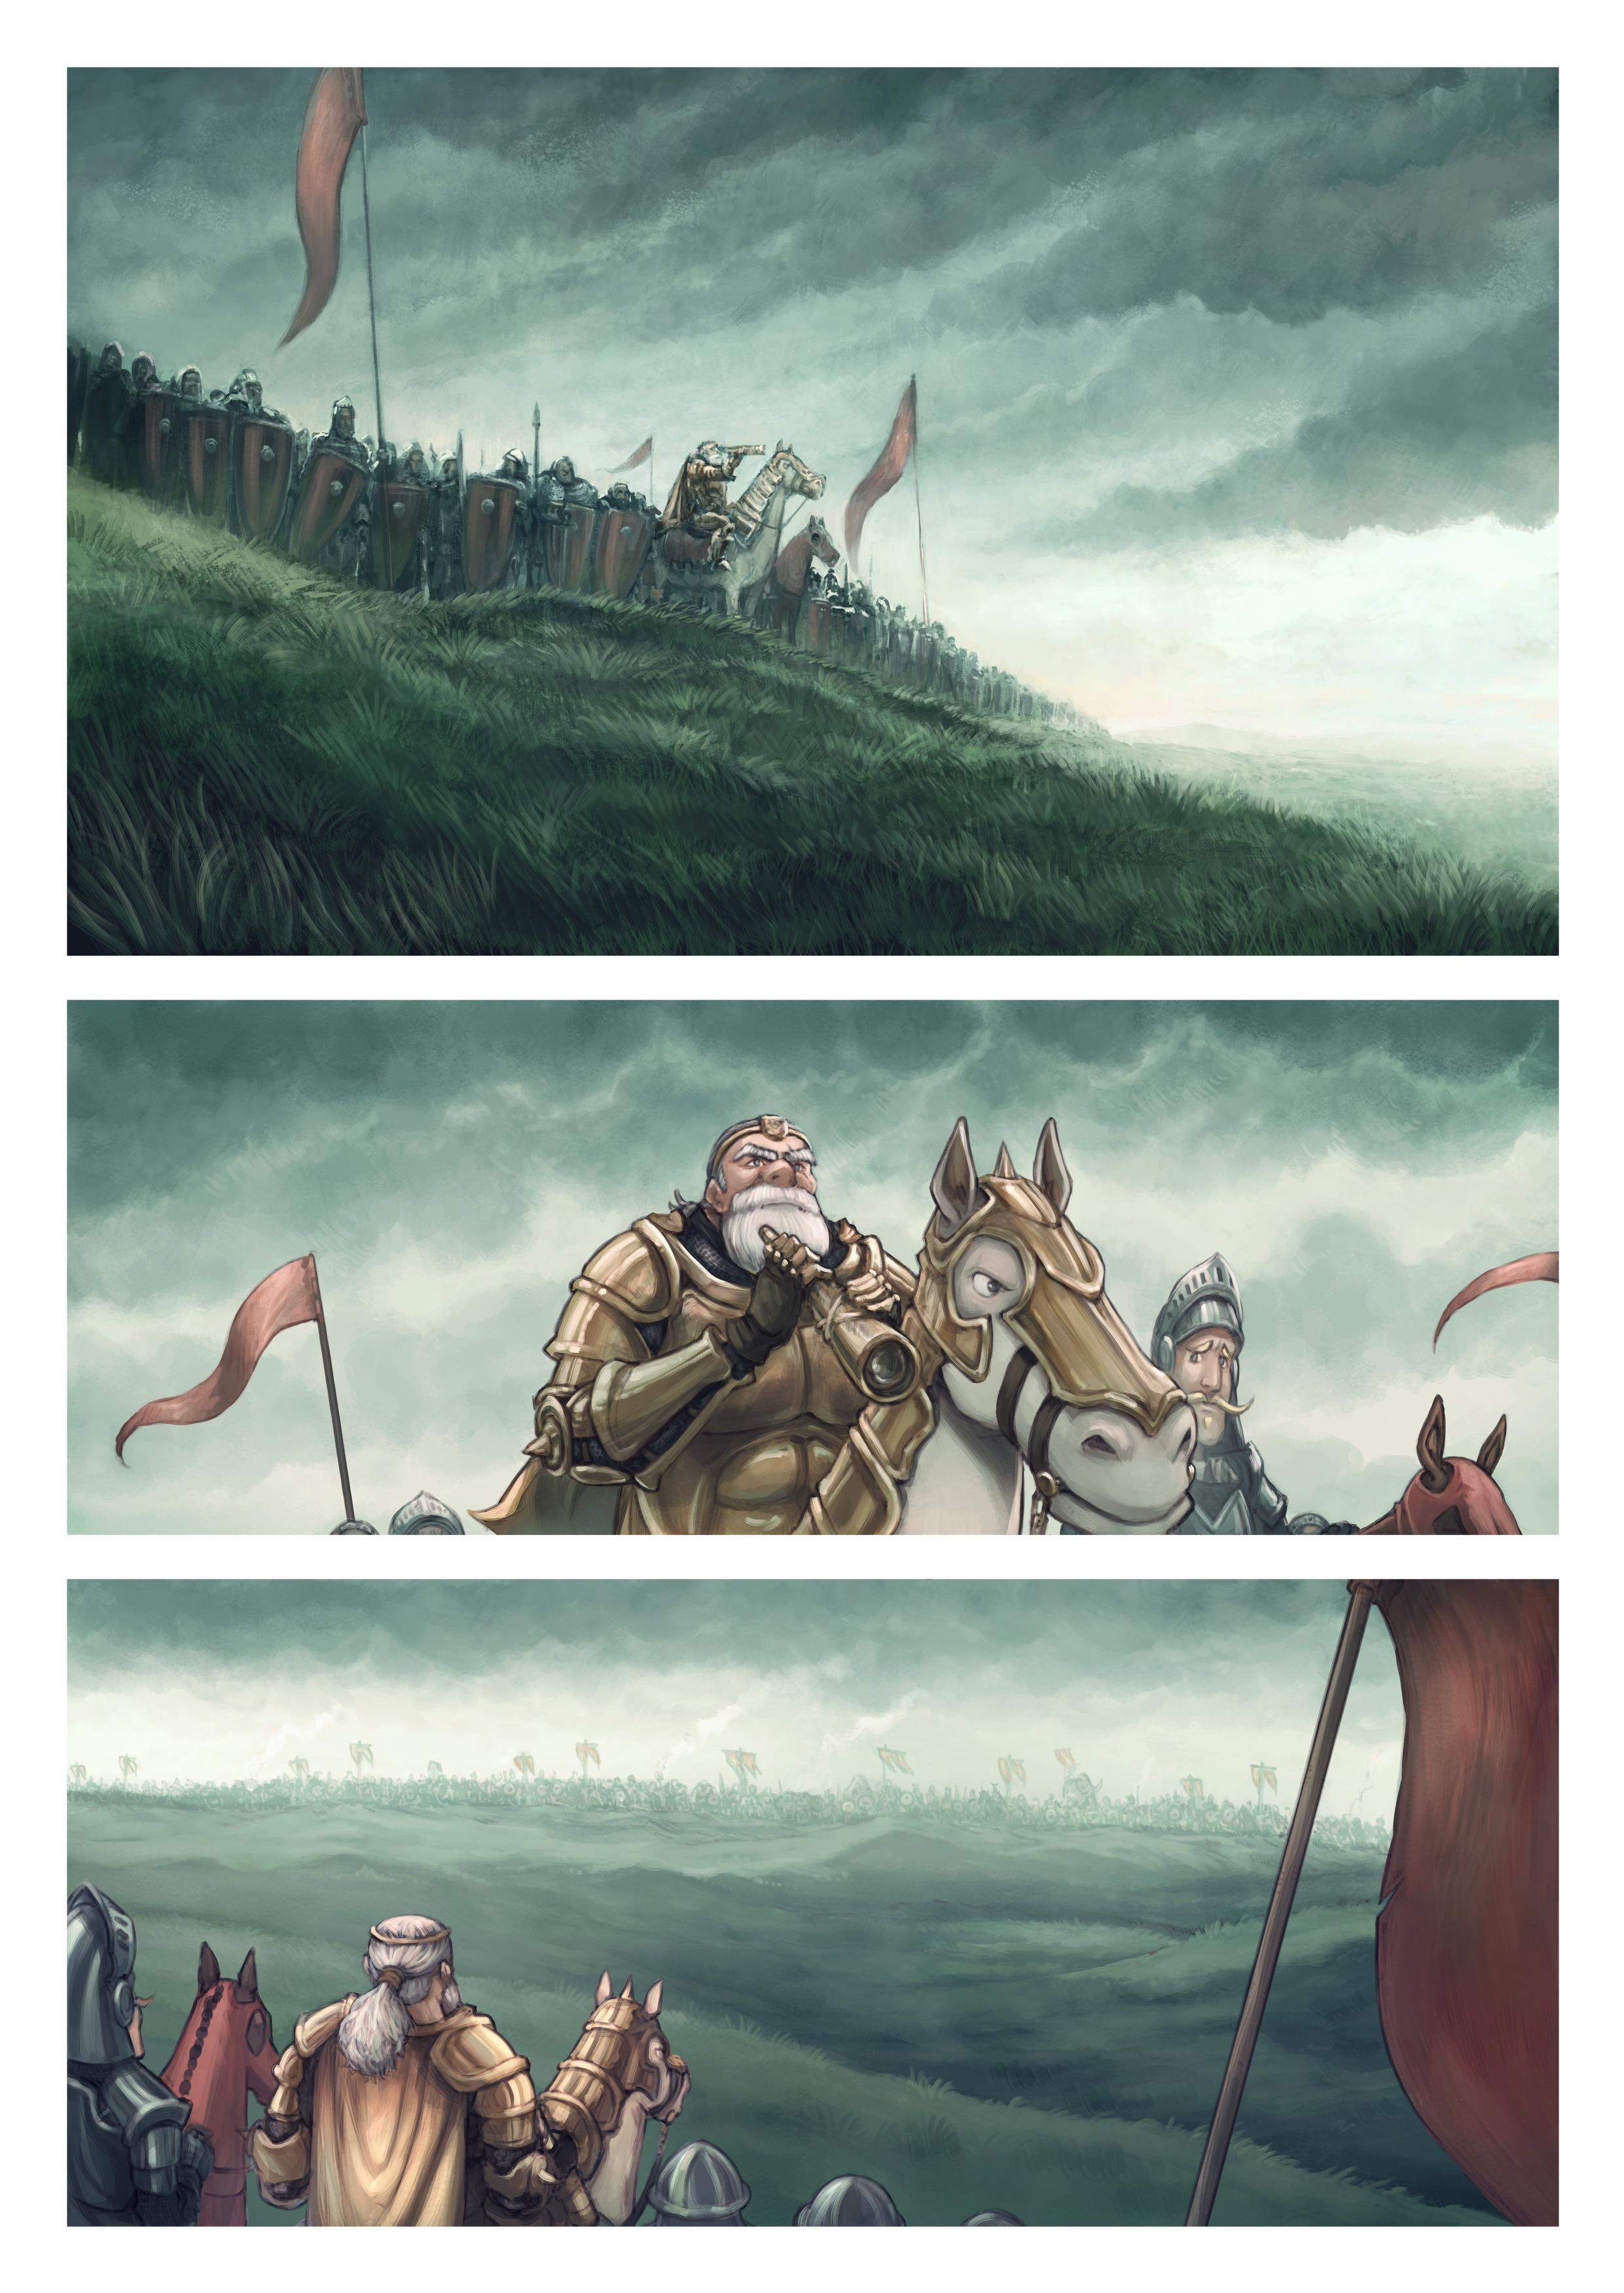 Episodi 32: El camp de batalla, Page 1